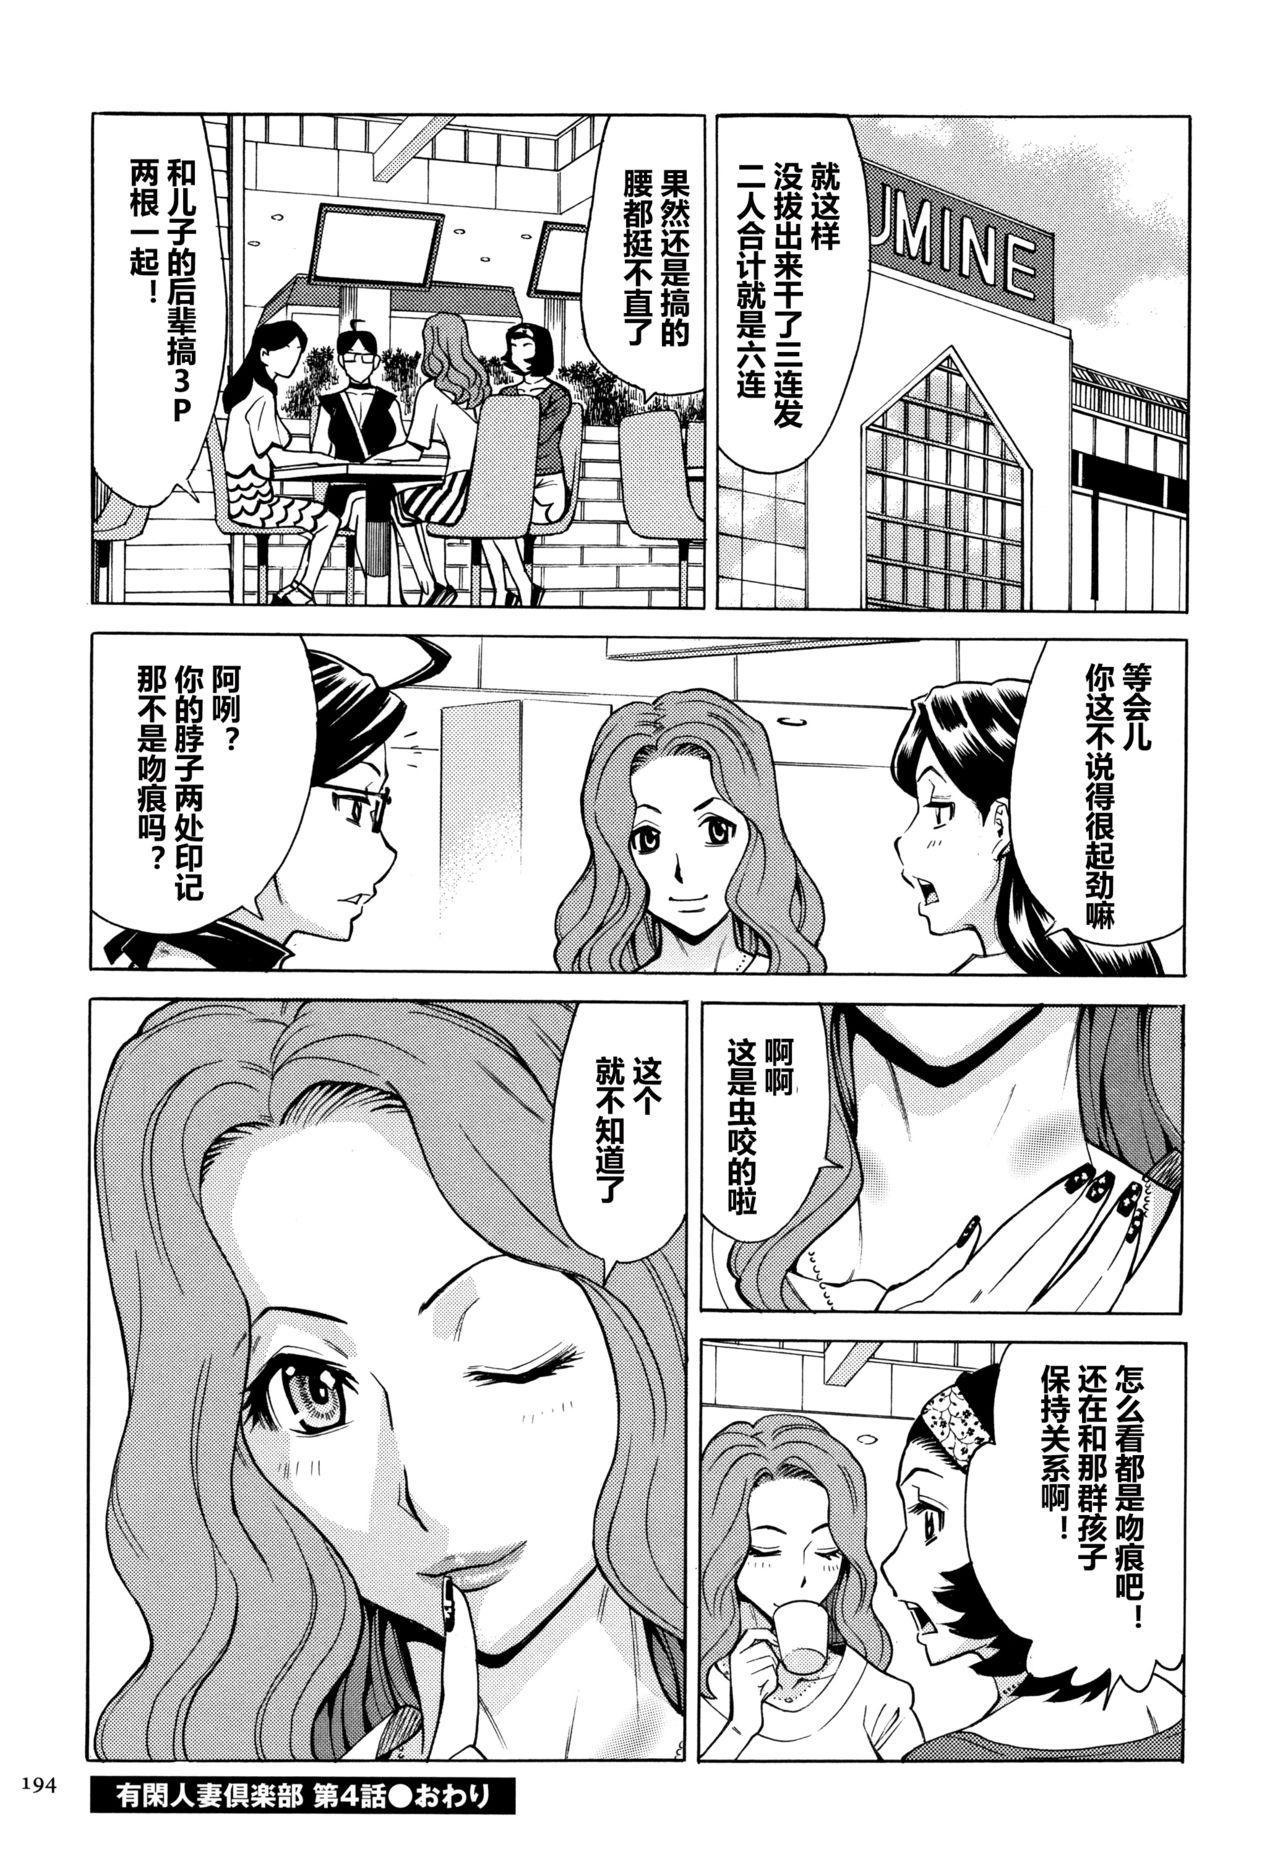 Oba-san dakedo, Daite Hoshii. 194